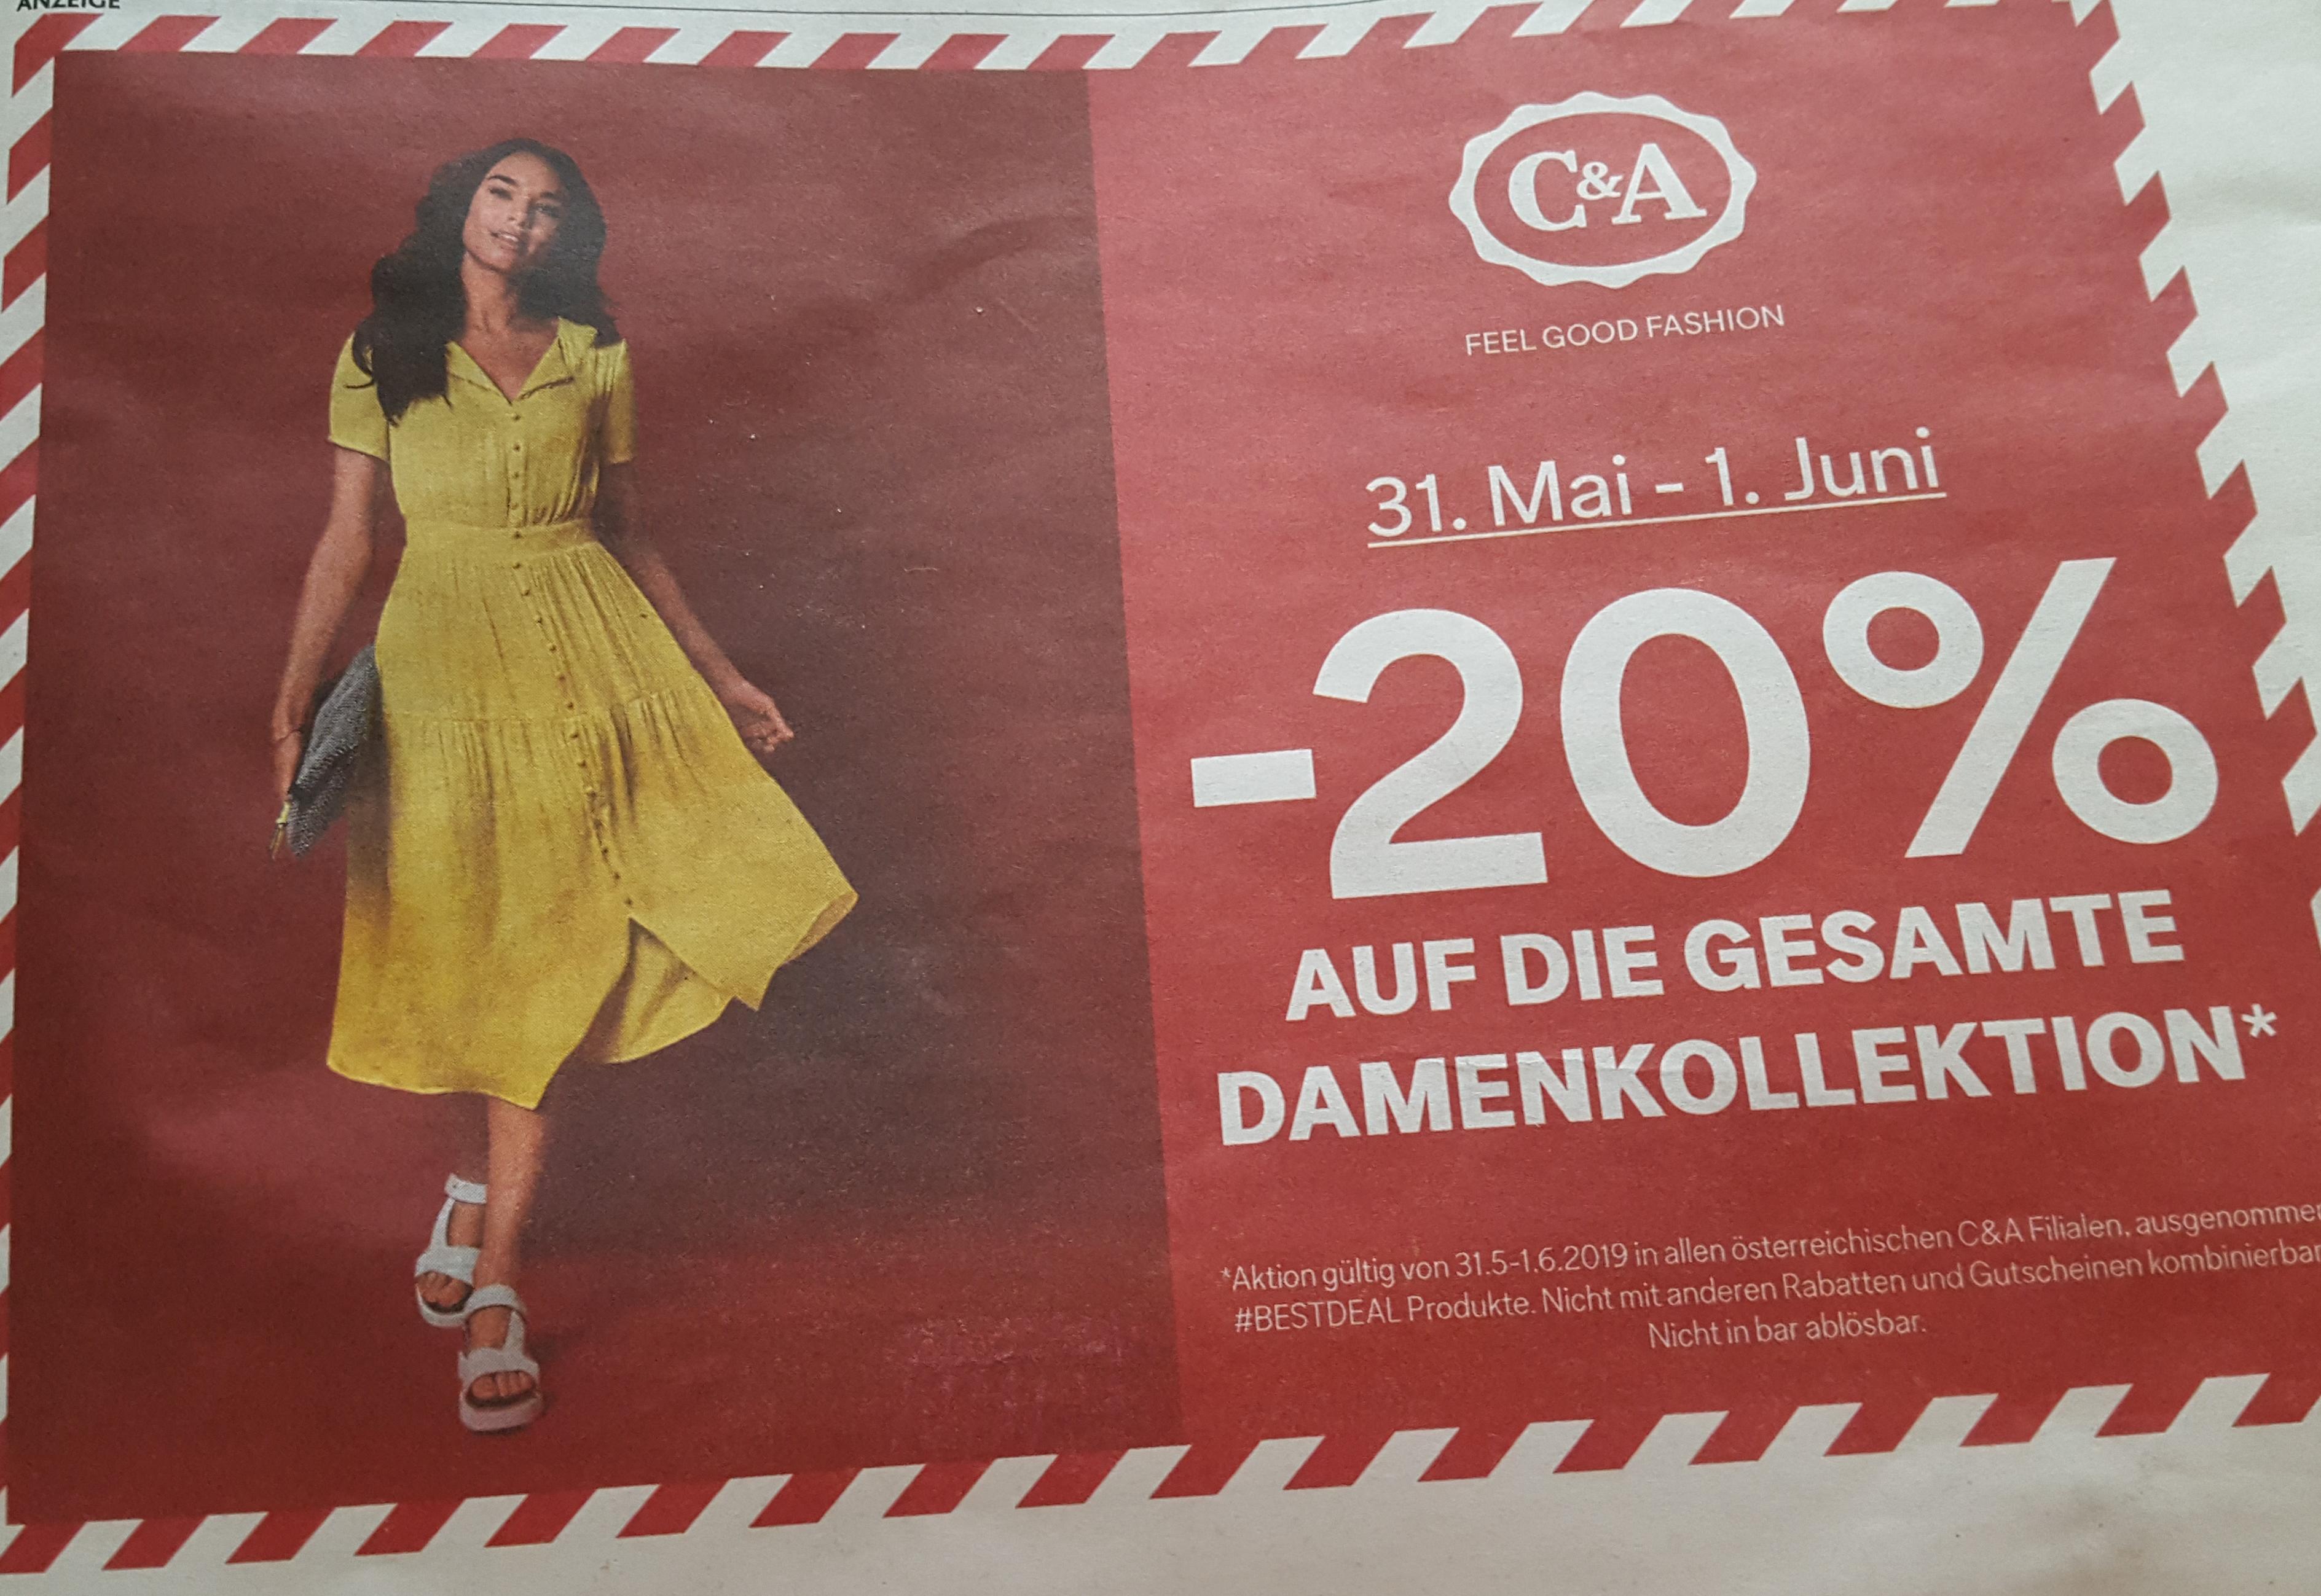 C&A 2 Tage lang -20%  auf die gesamte Damenkollektion*